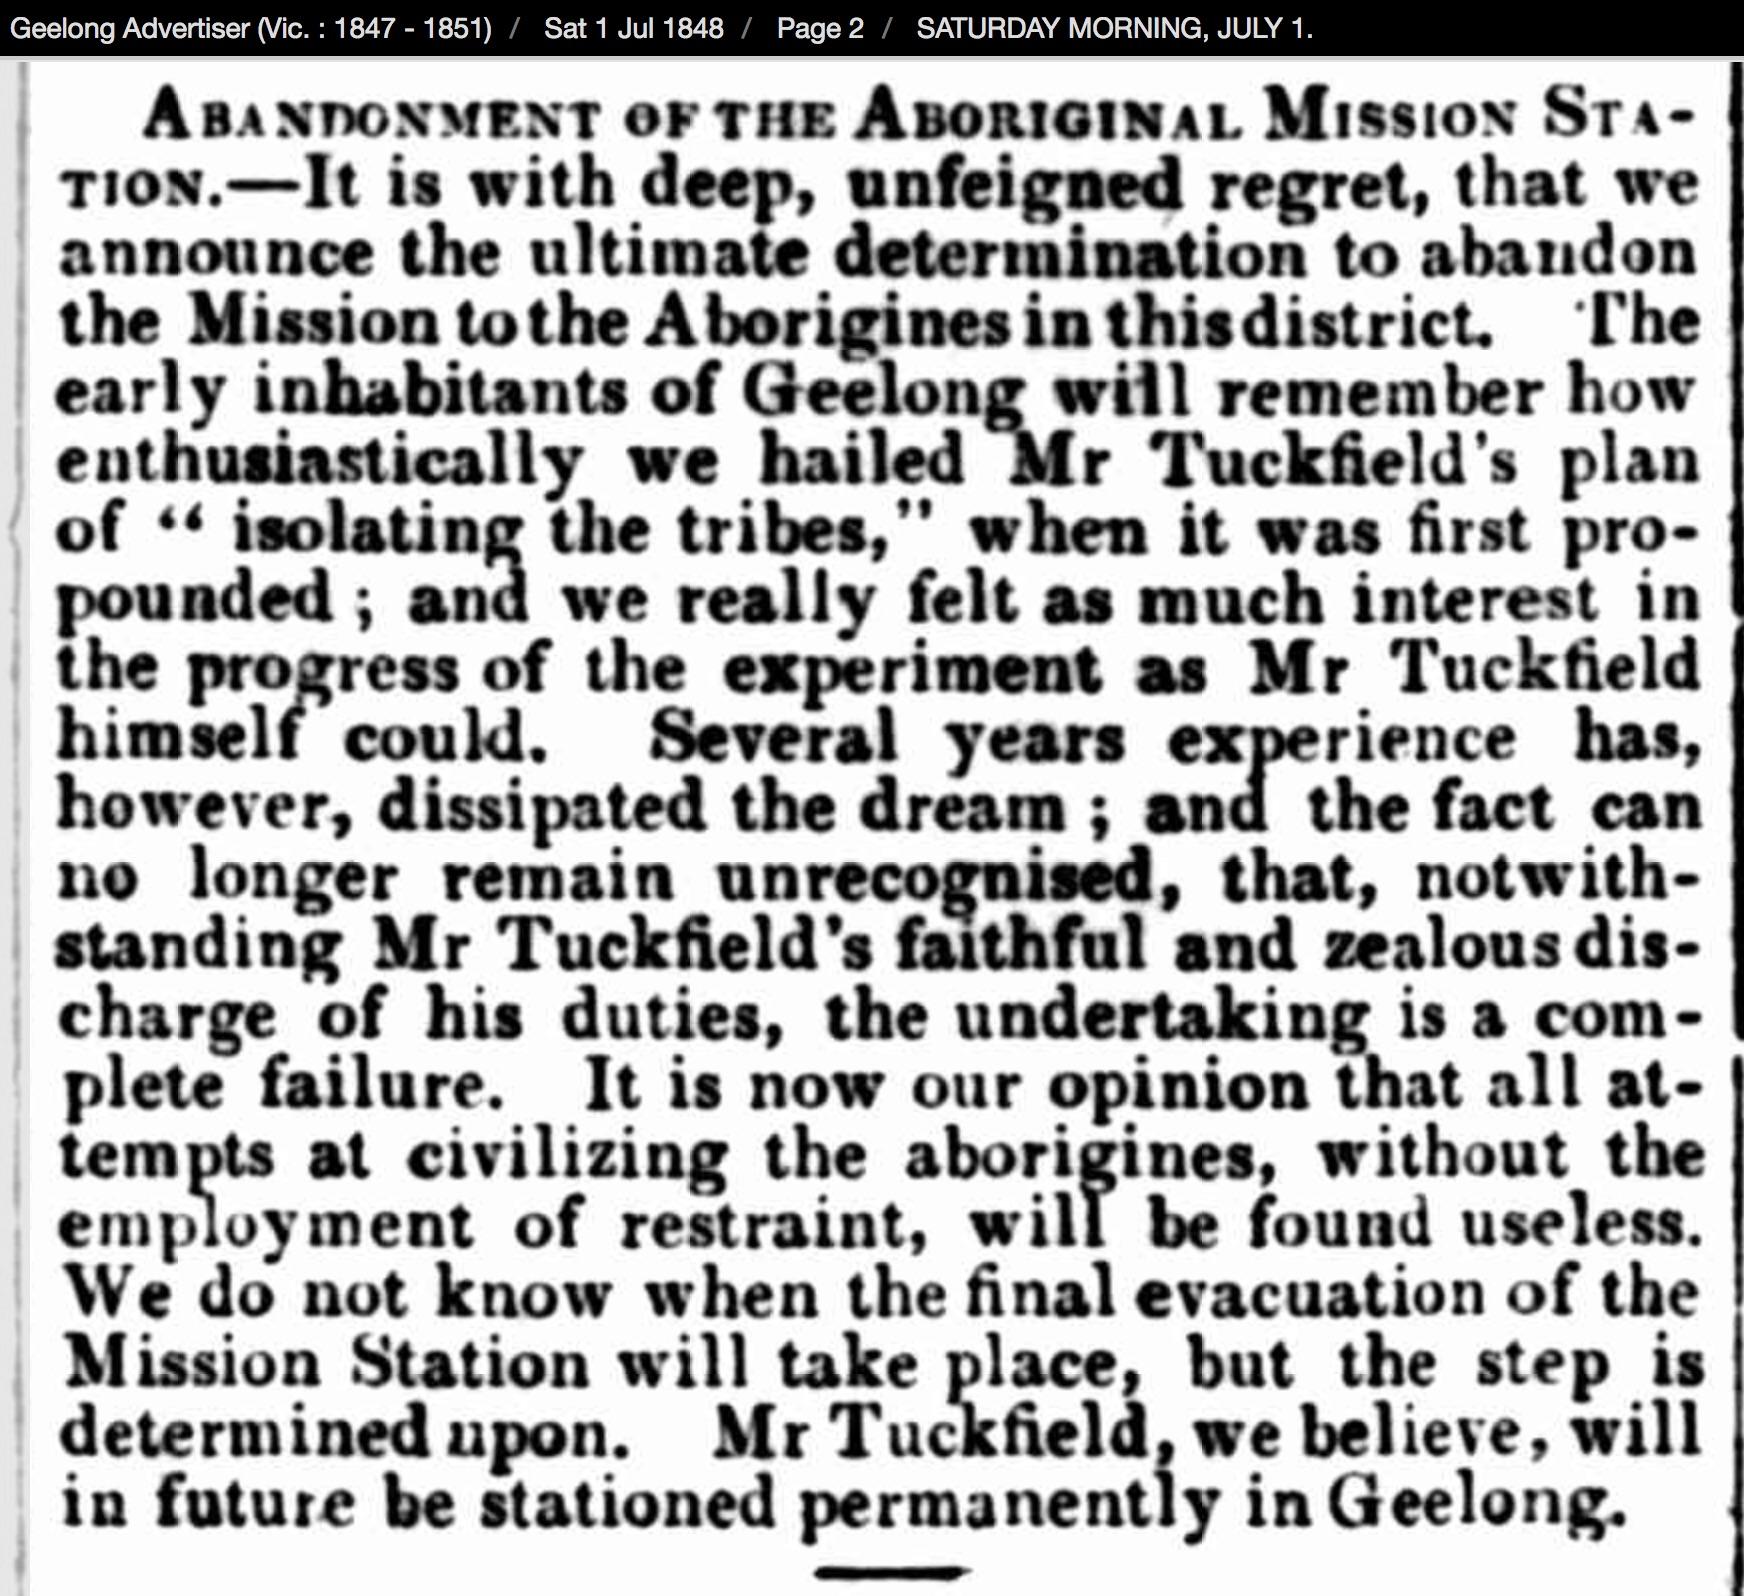 Geelong Advertiser 1848 07 01 pg 2